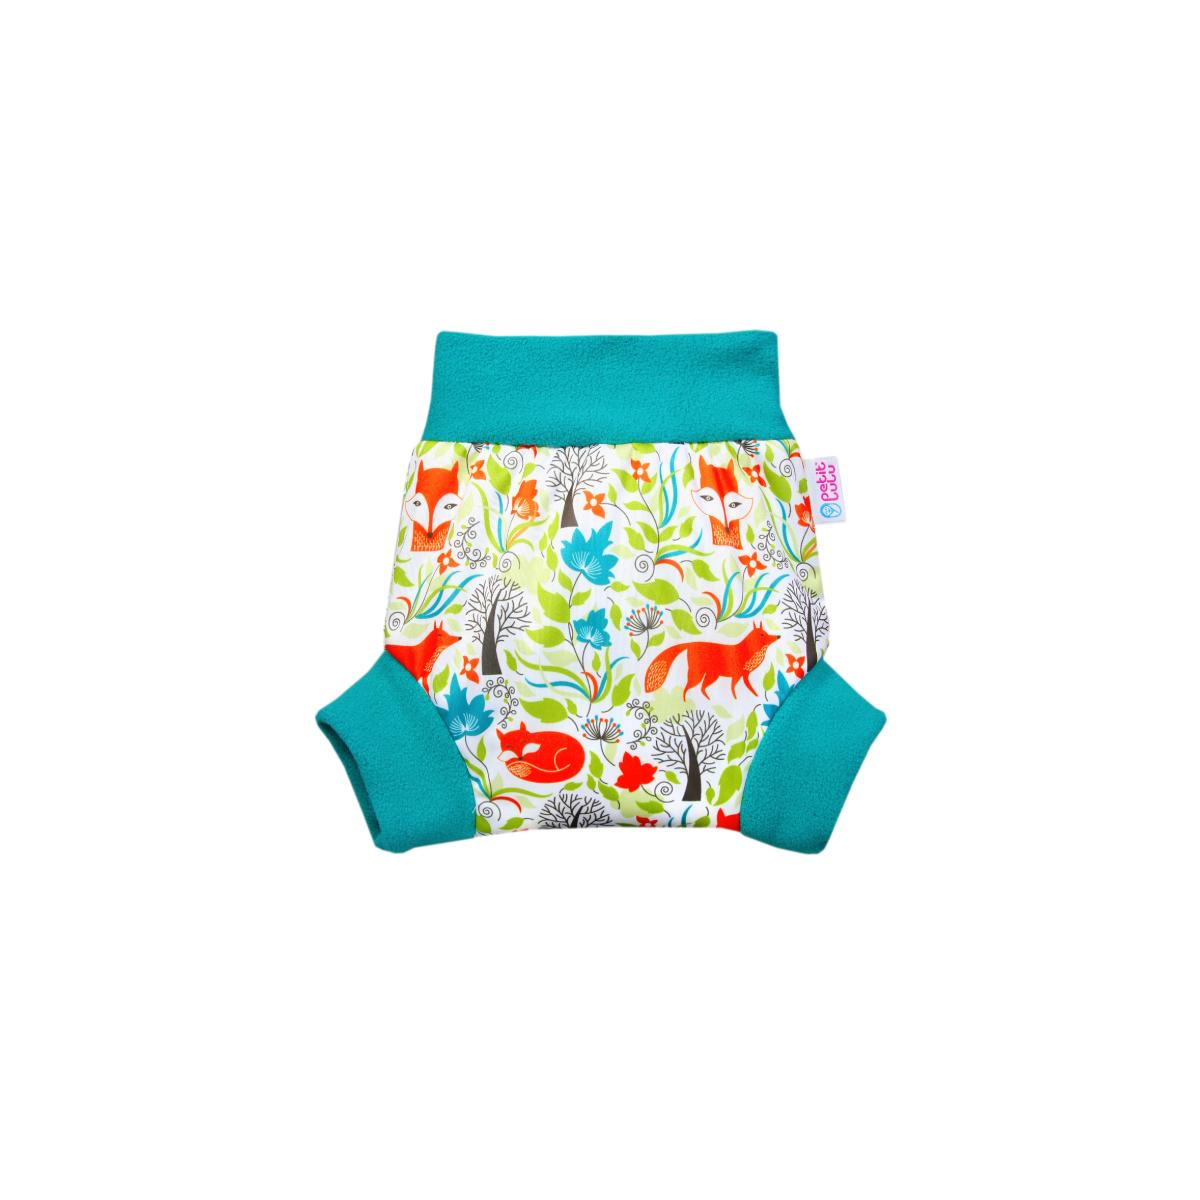 Petit Lulu Pull-up svrchní kalhotky, vel. L 1 ks, Lišky